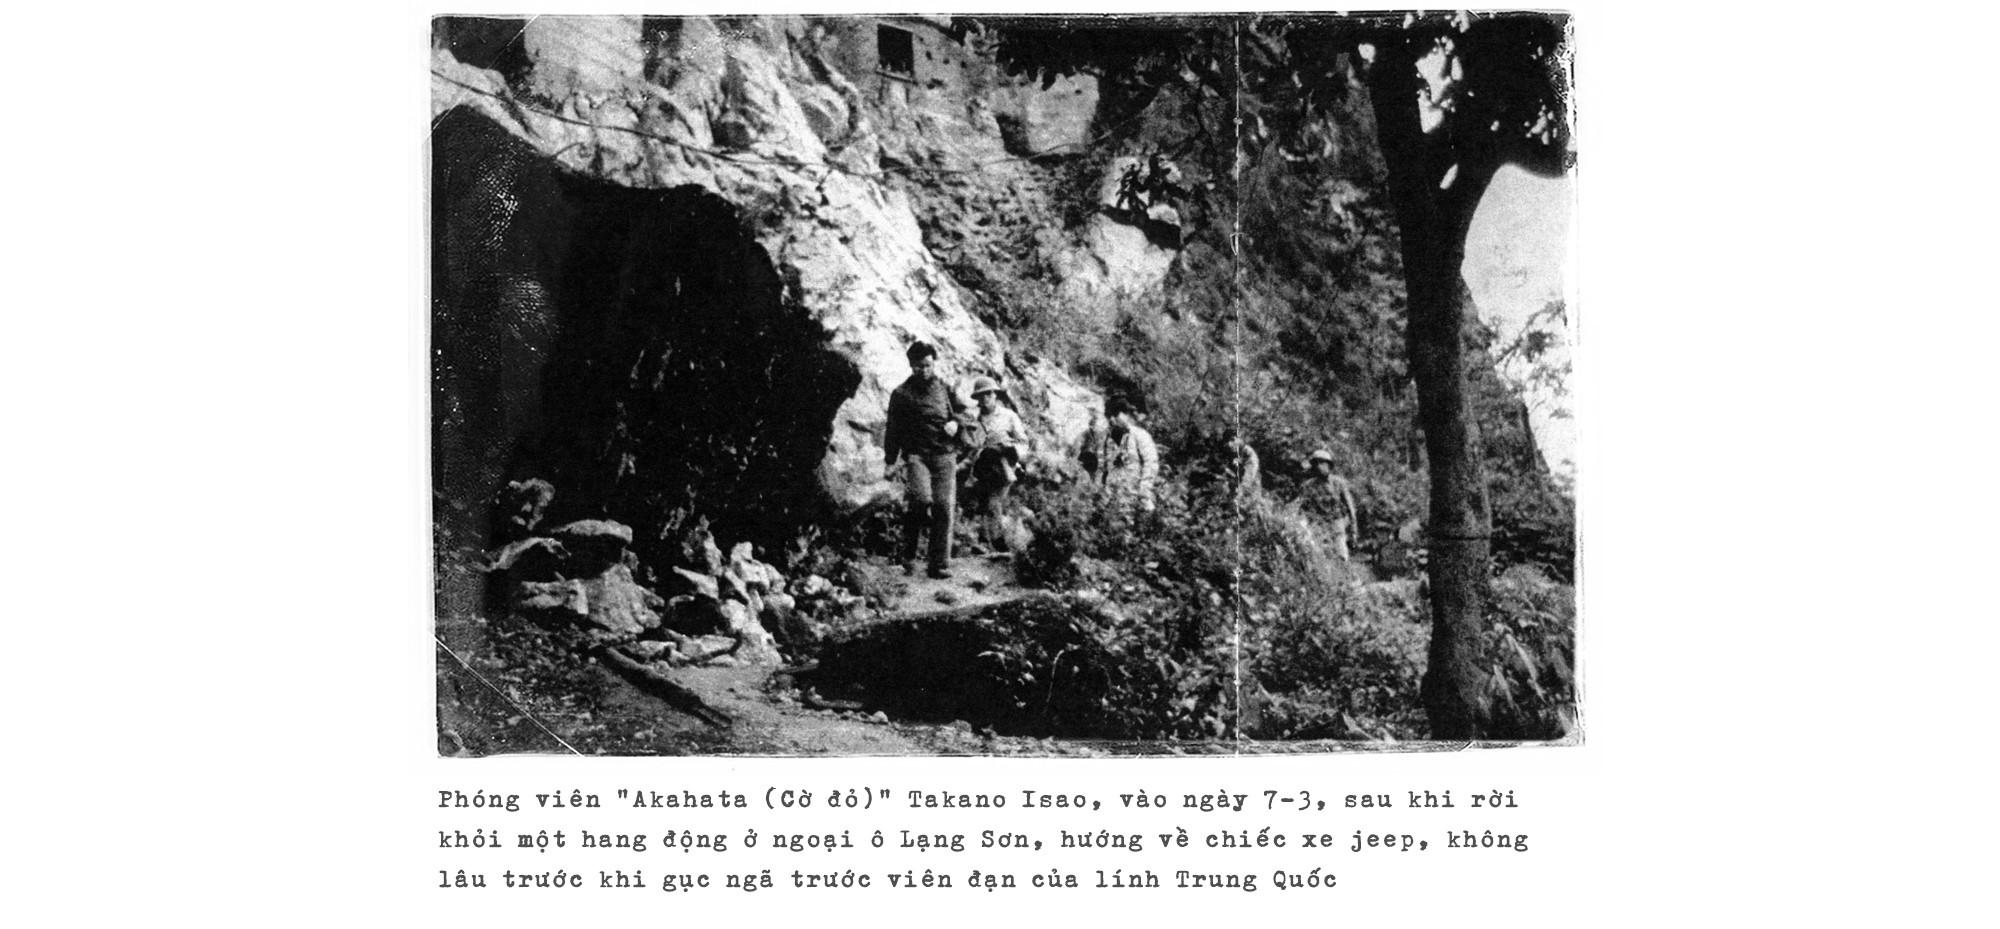 Kỳ 2: Đụng độ quân Trung Quốc - Ảnh 8.